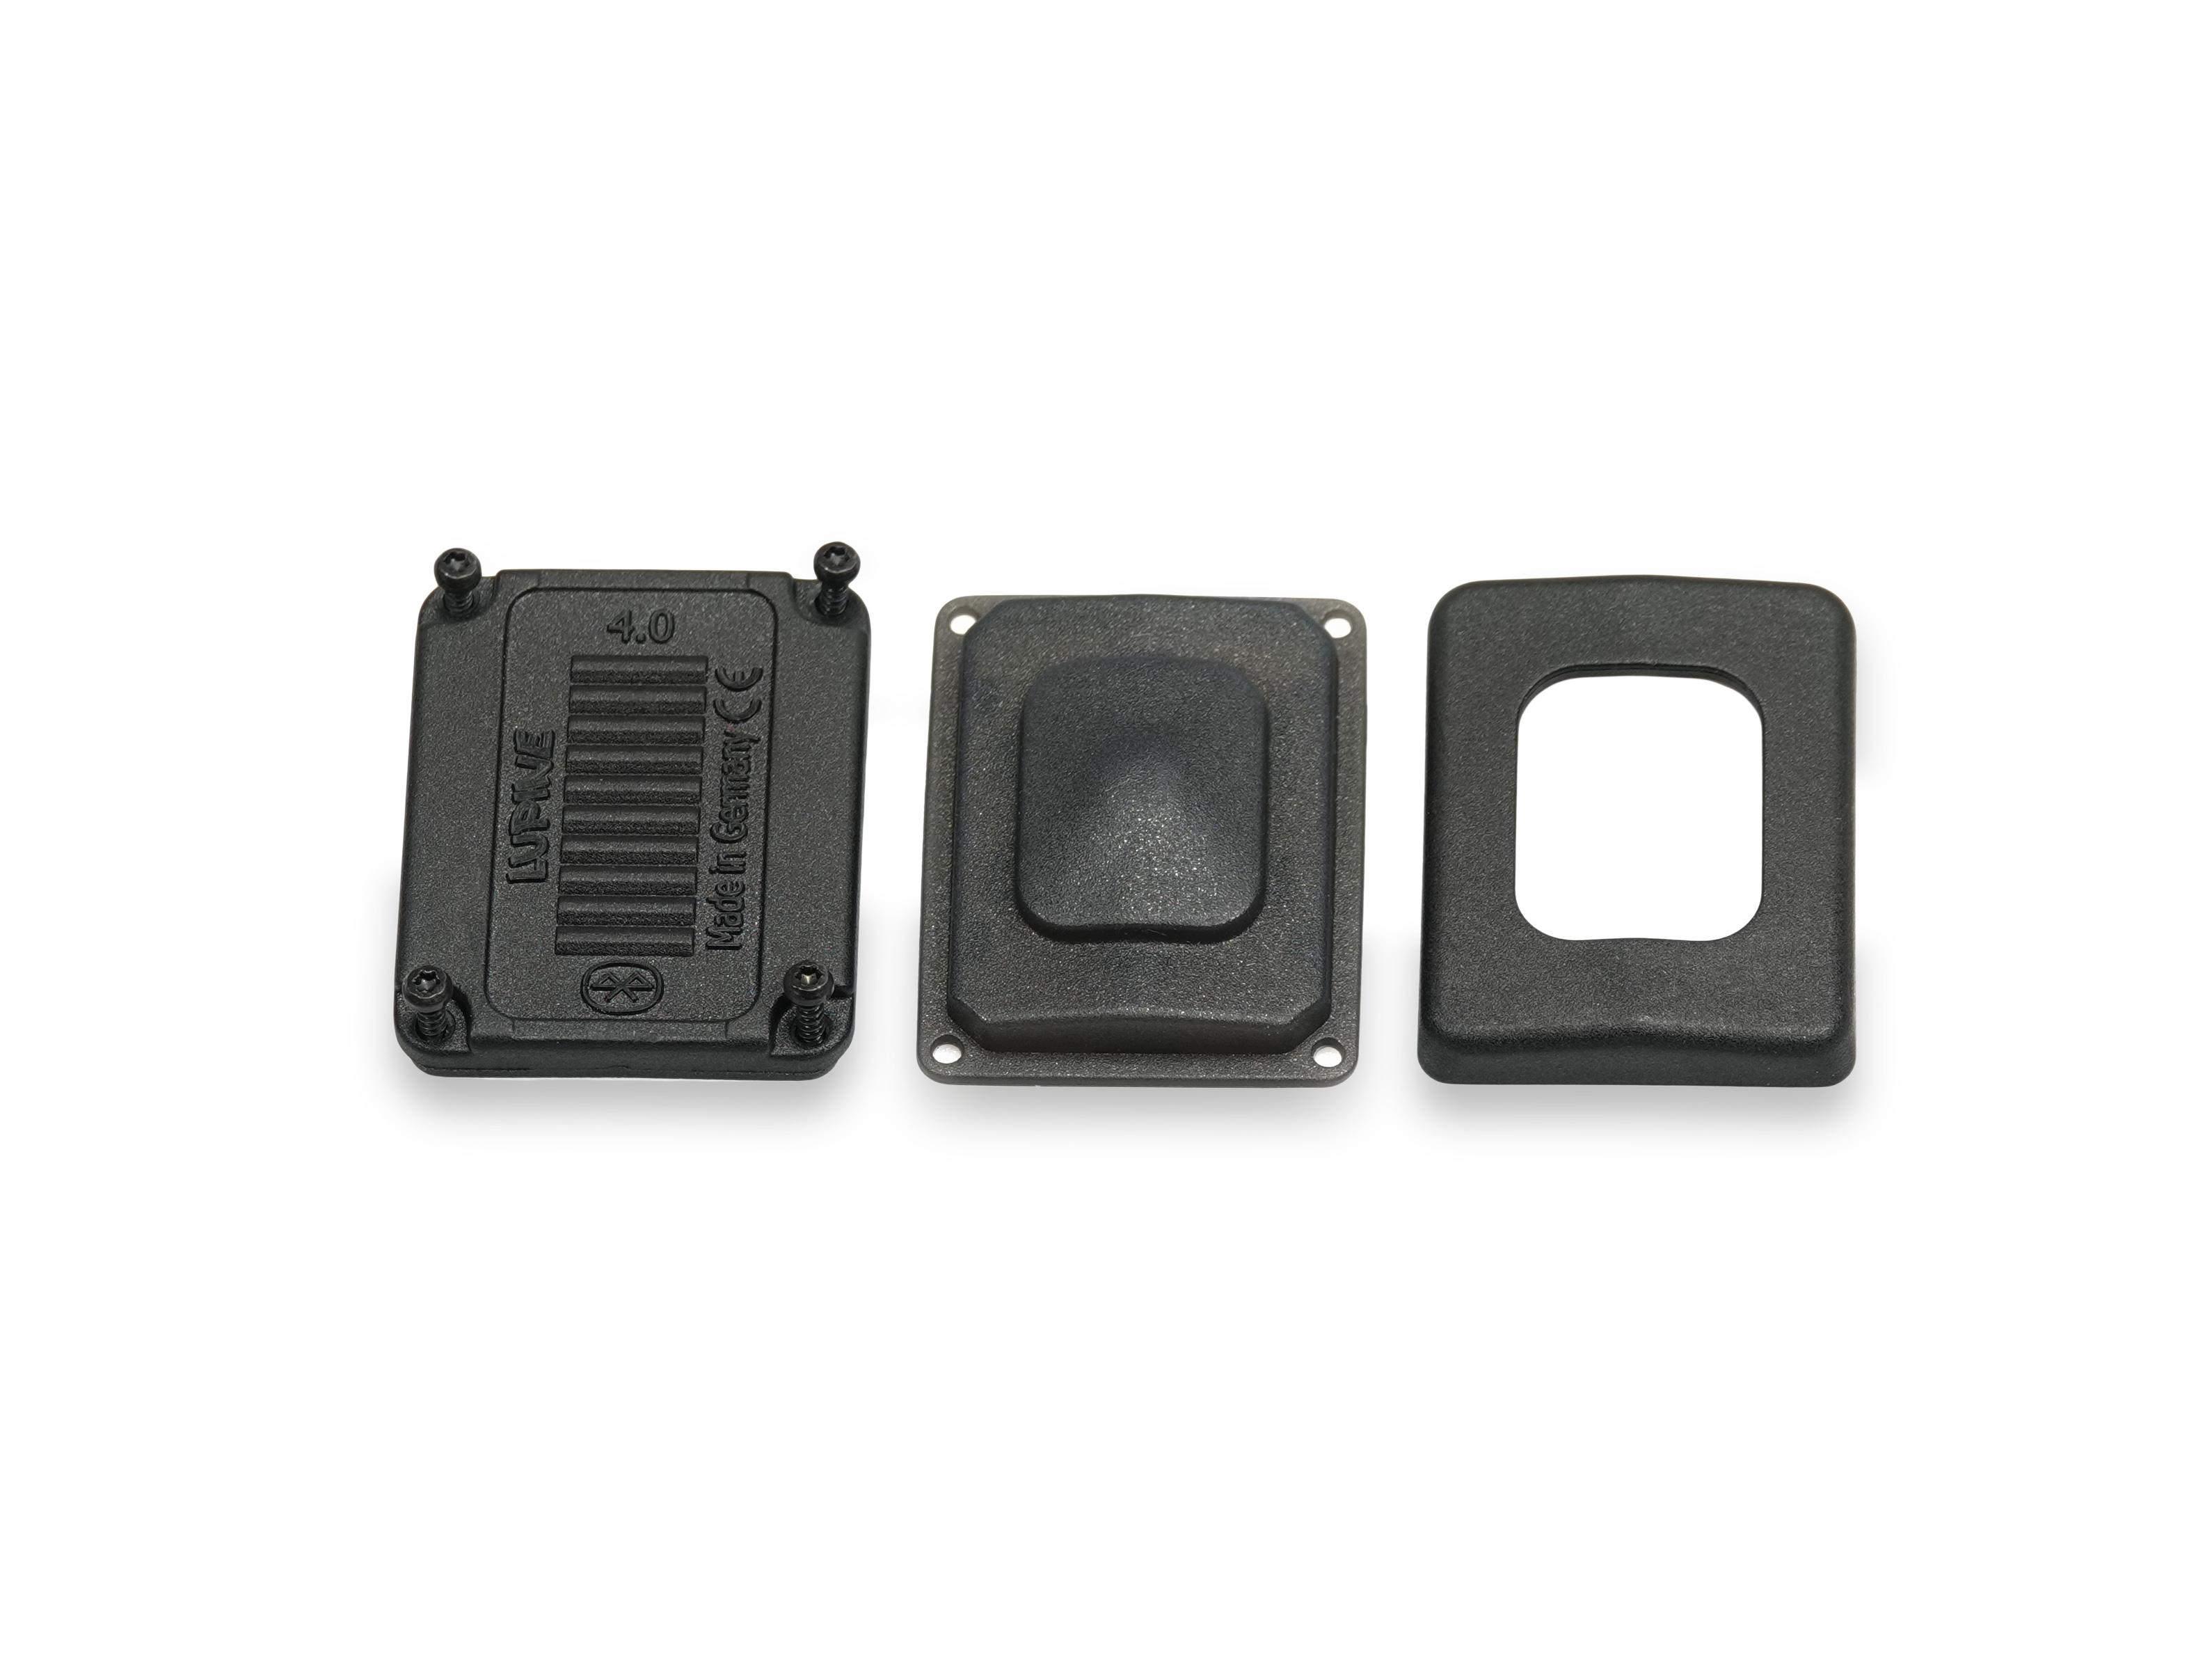 Leergehäuse Bluetooth Fernbedienung V2